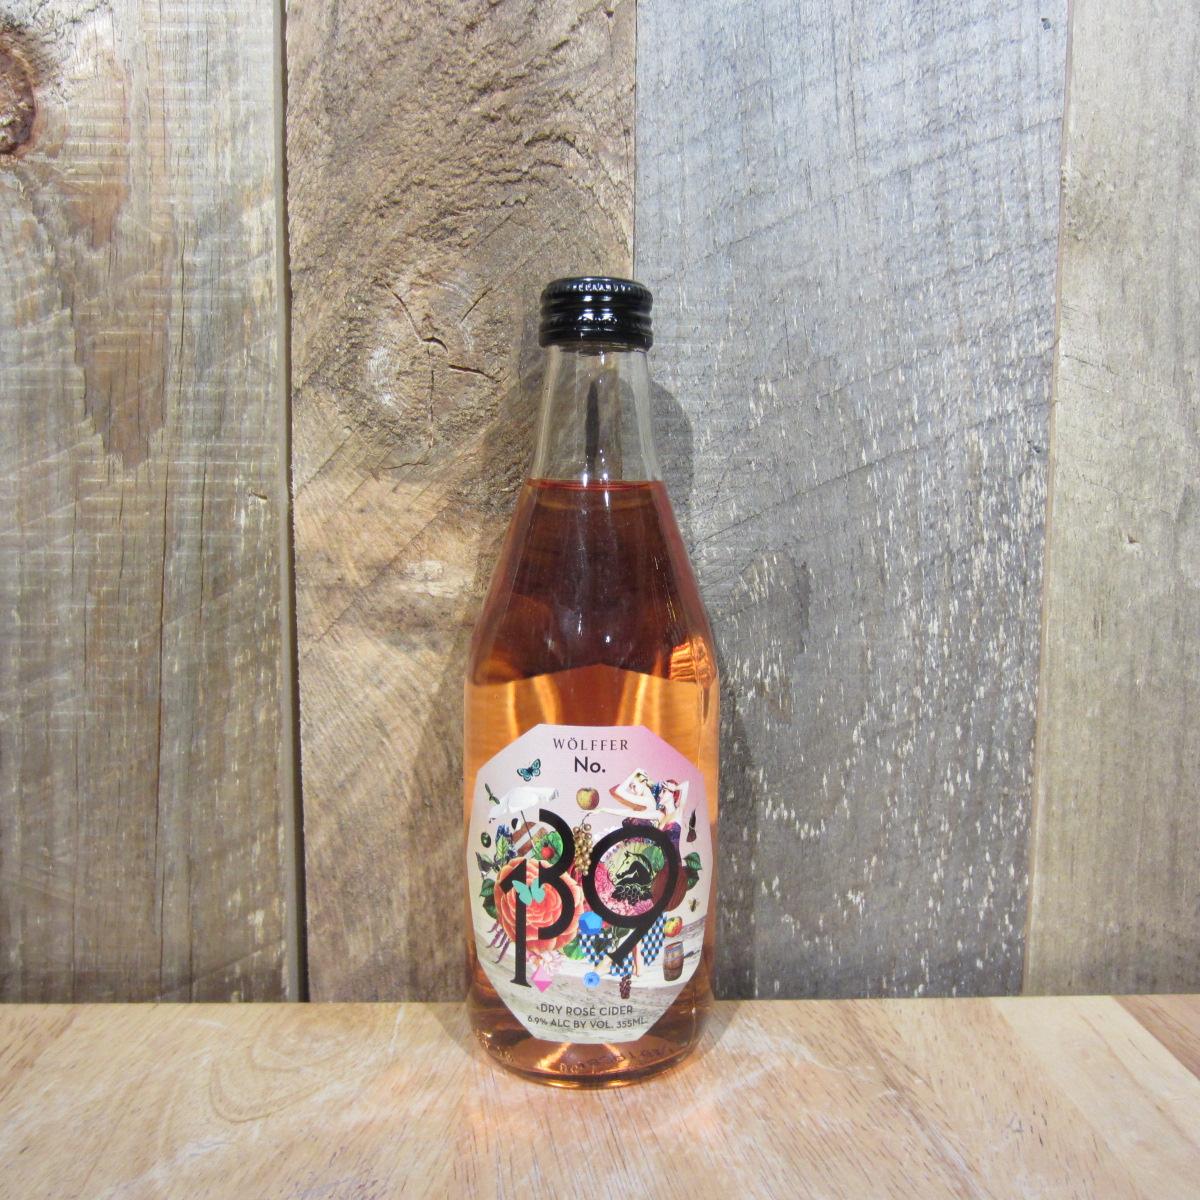 Wolffer Dry Rose Cider (Bottle) 355ml